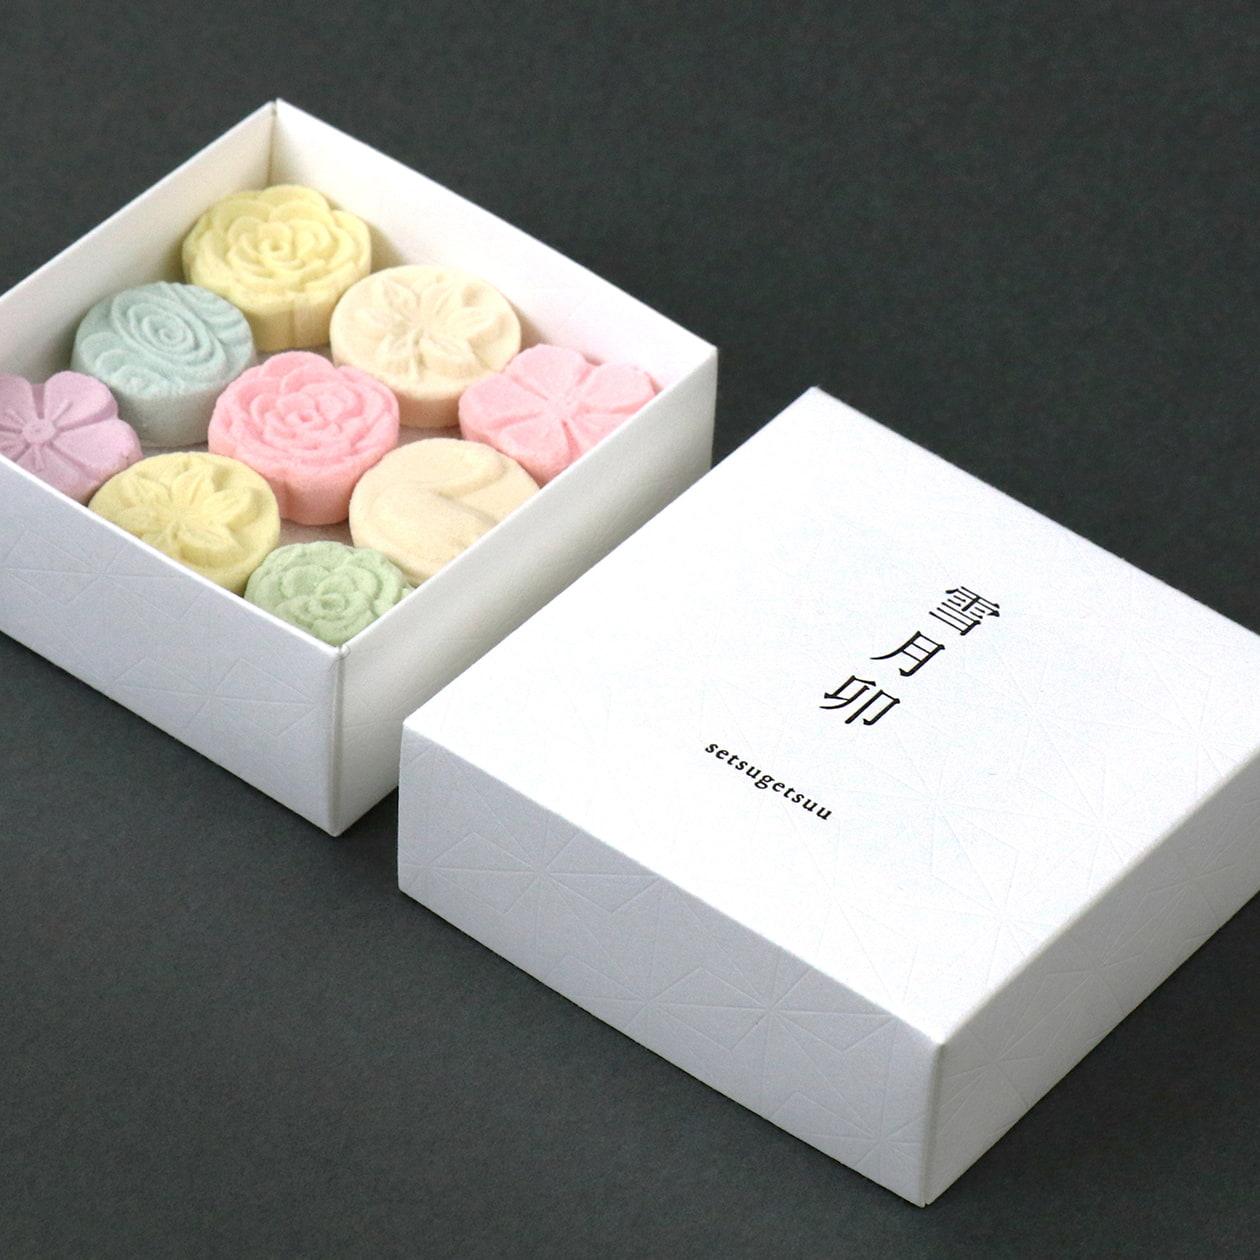 和菓子の商品パッケージ